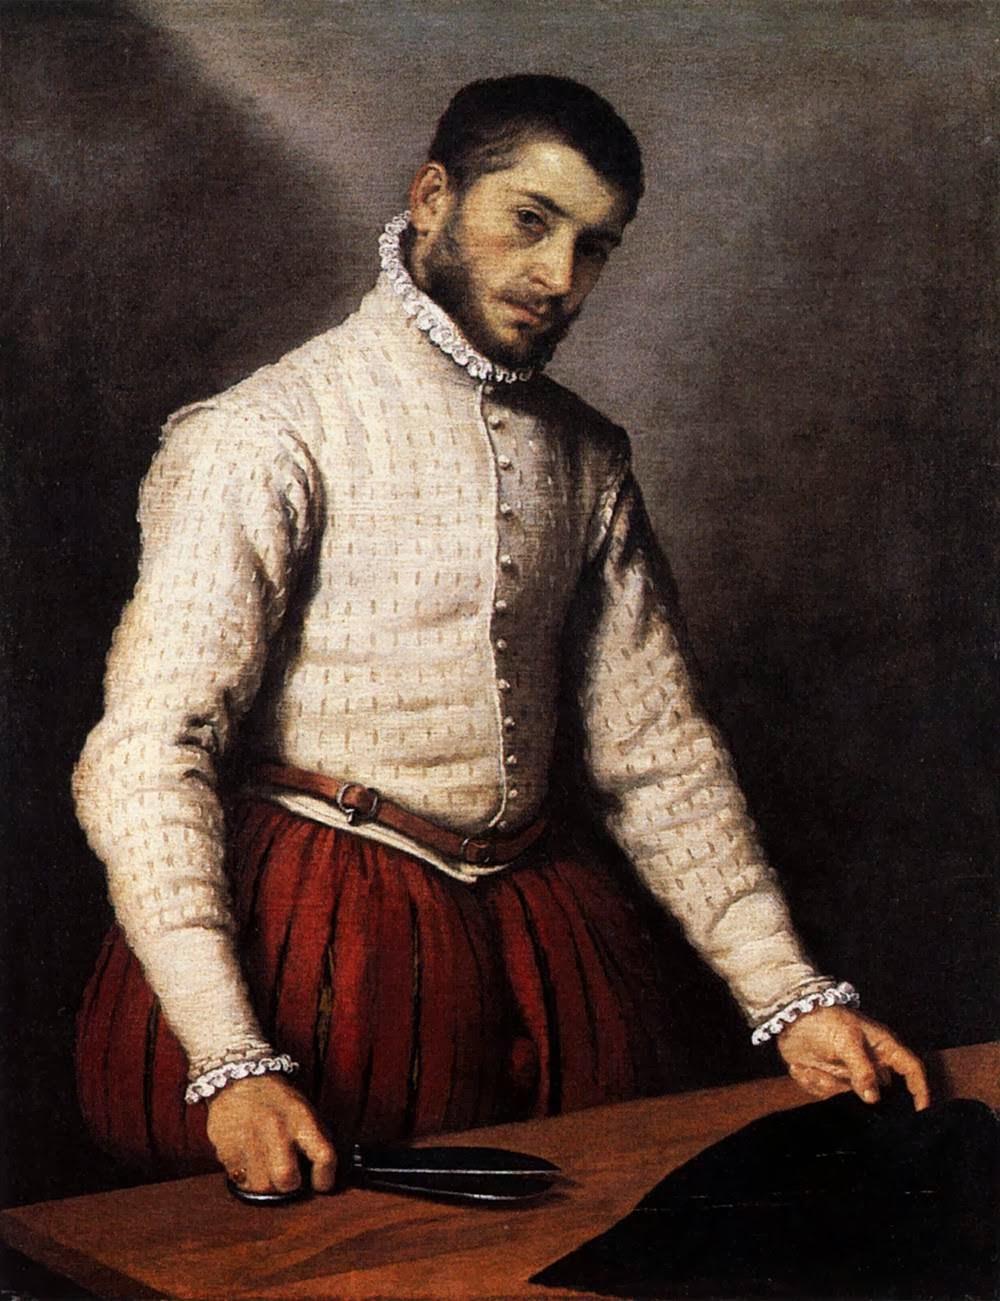 Il ritratto dopo Tiziano: Veronese, Tintoretto, Moroni.